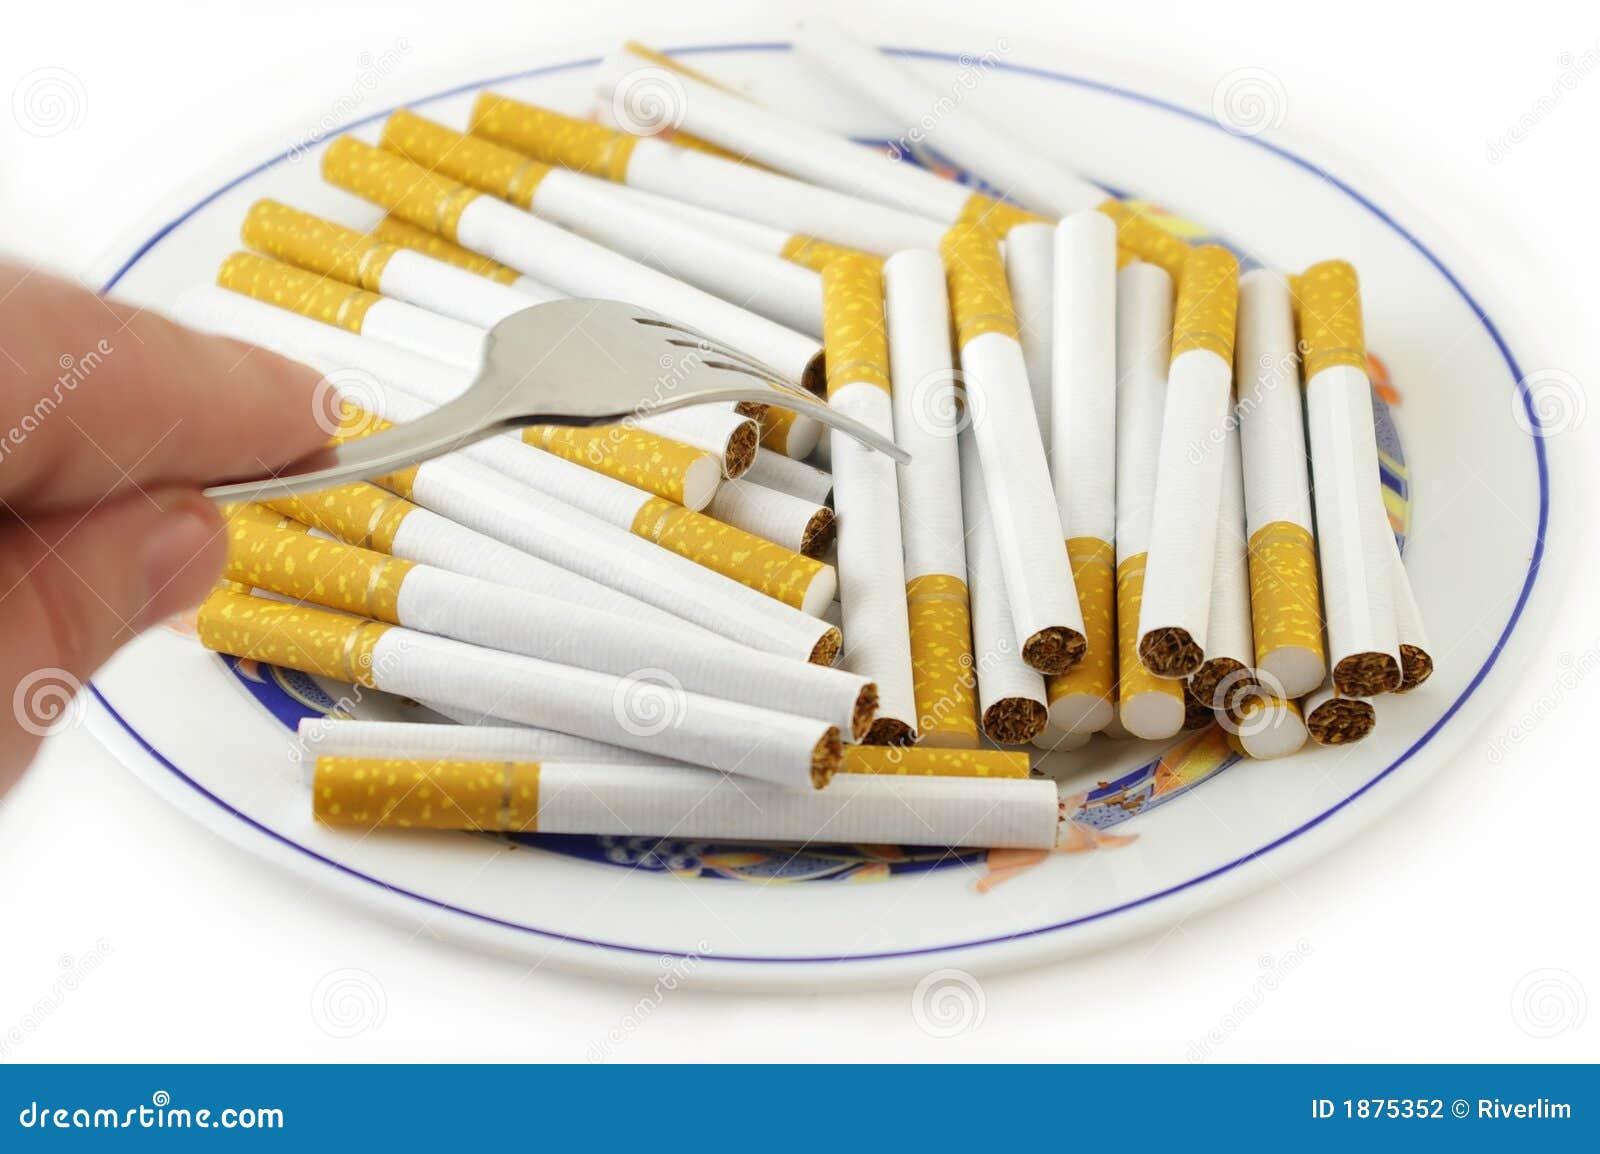 Заказать сигареты и еду где купить сигареты в сарапуле